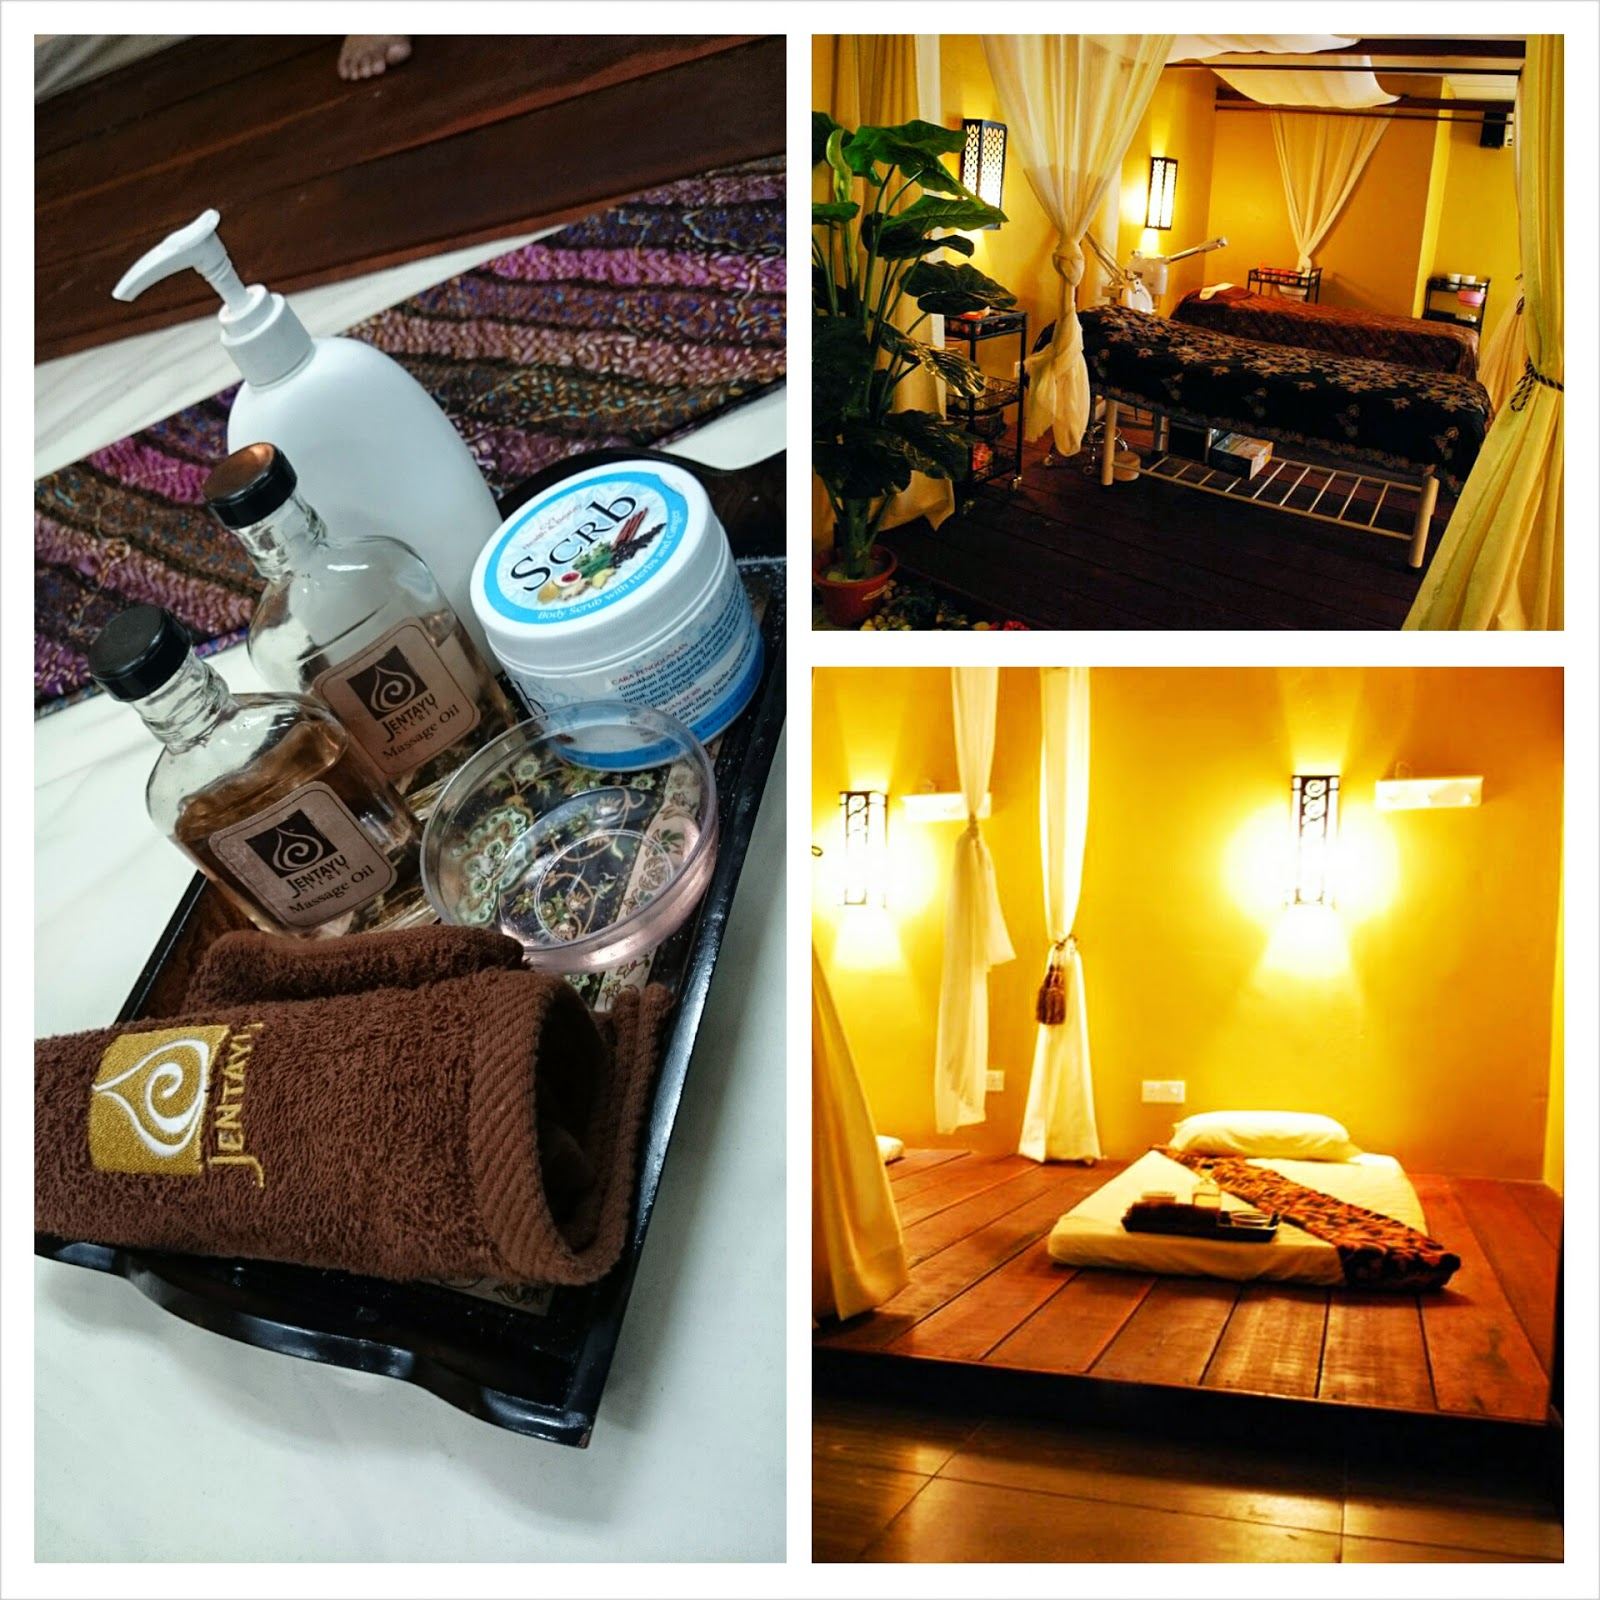 Jentayu Spa & Salon Ampang